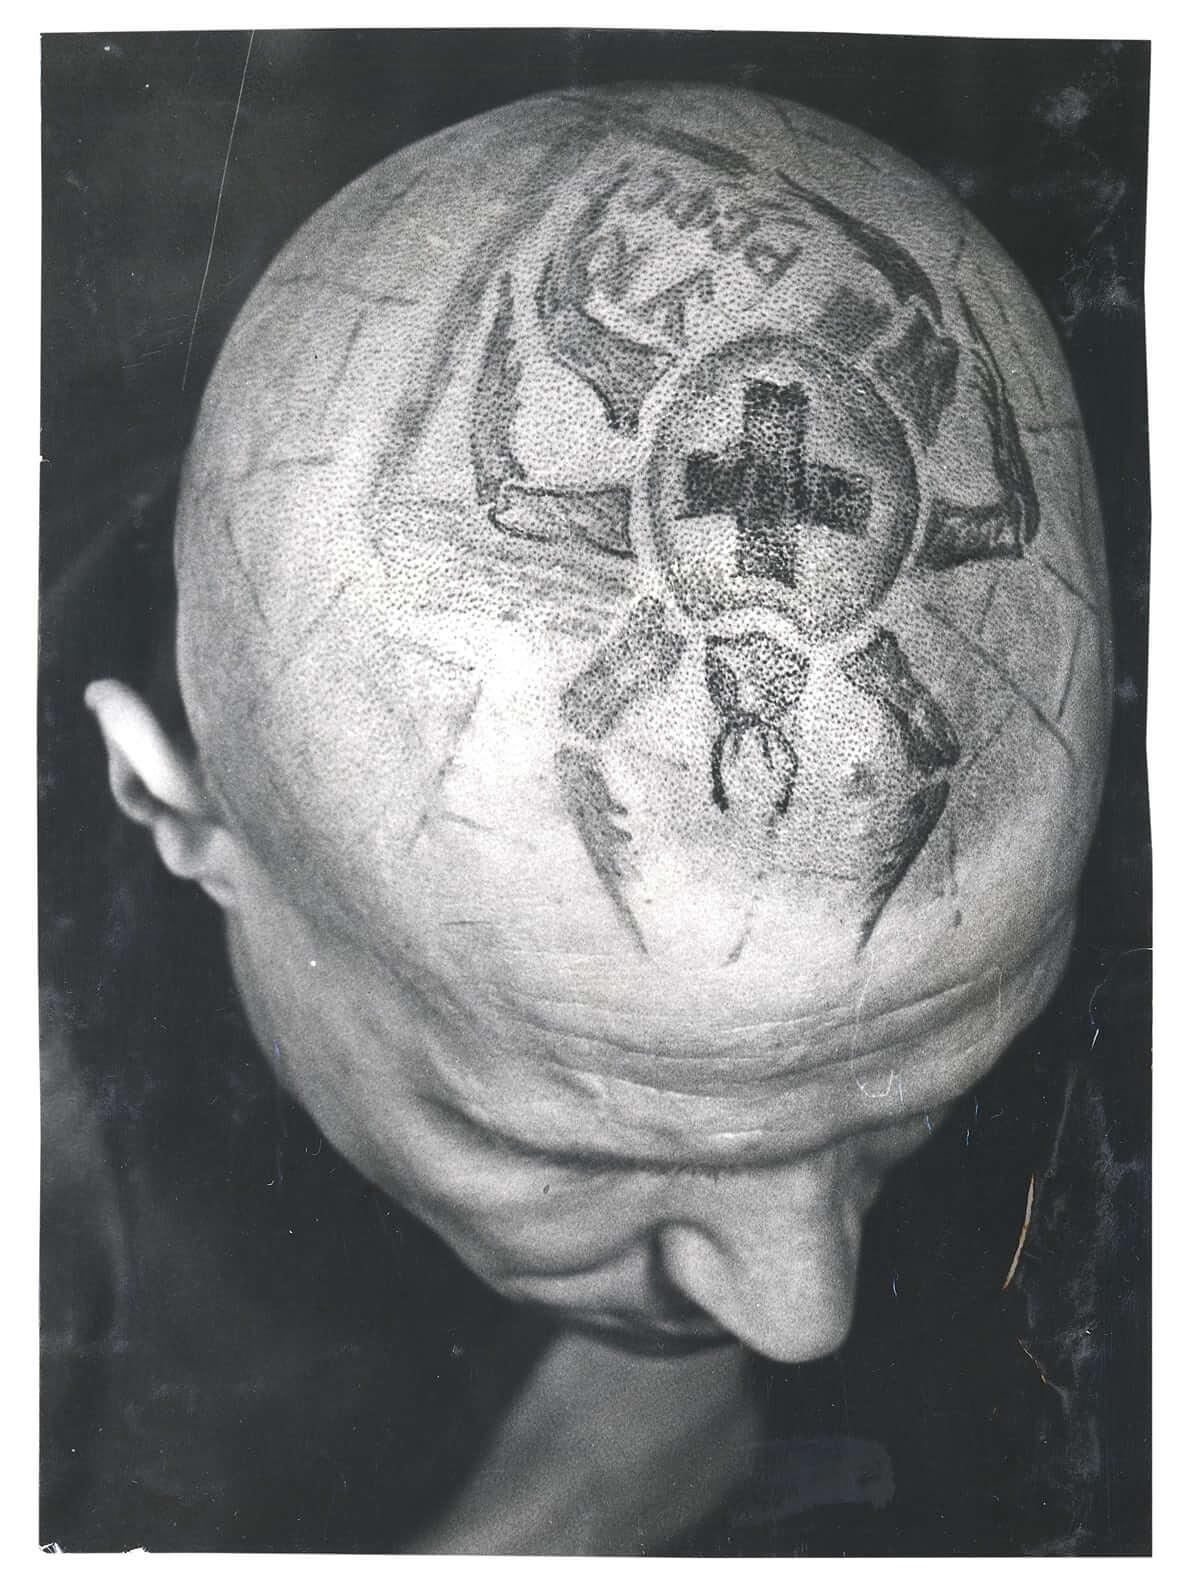 Arkadi Bronnikov: Retratos de los reclusos en cárceles rusas con historias tatuadas en tinta y sangre